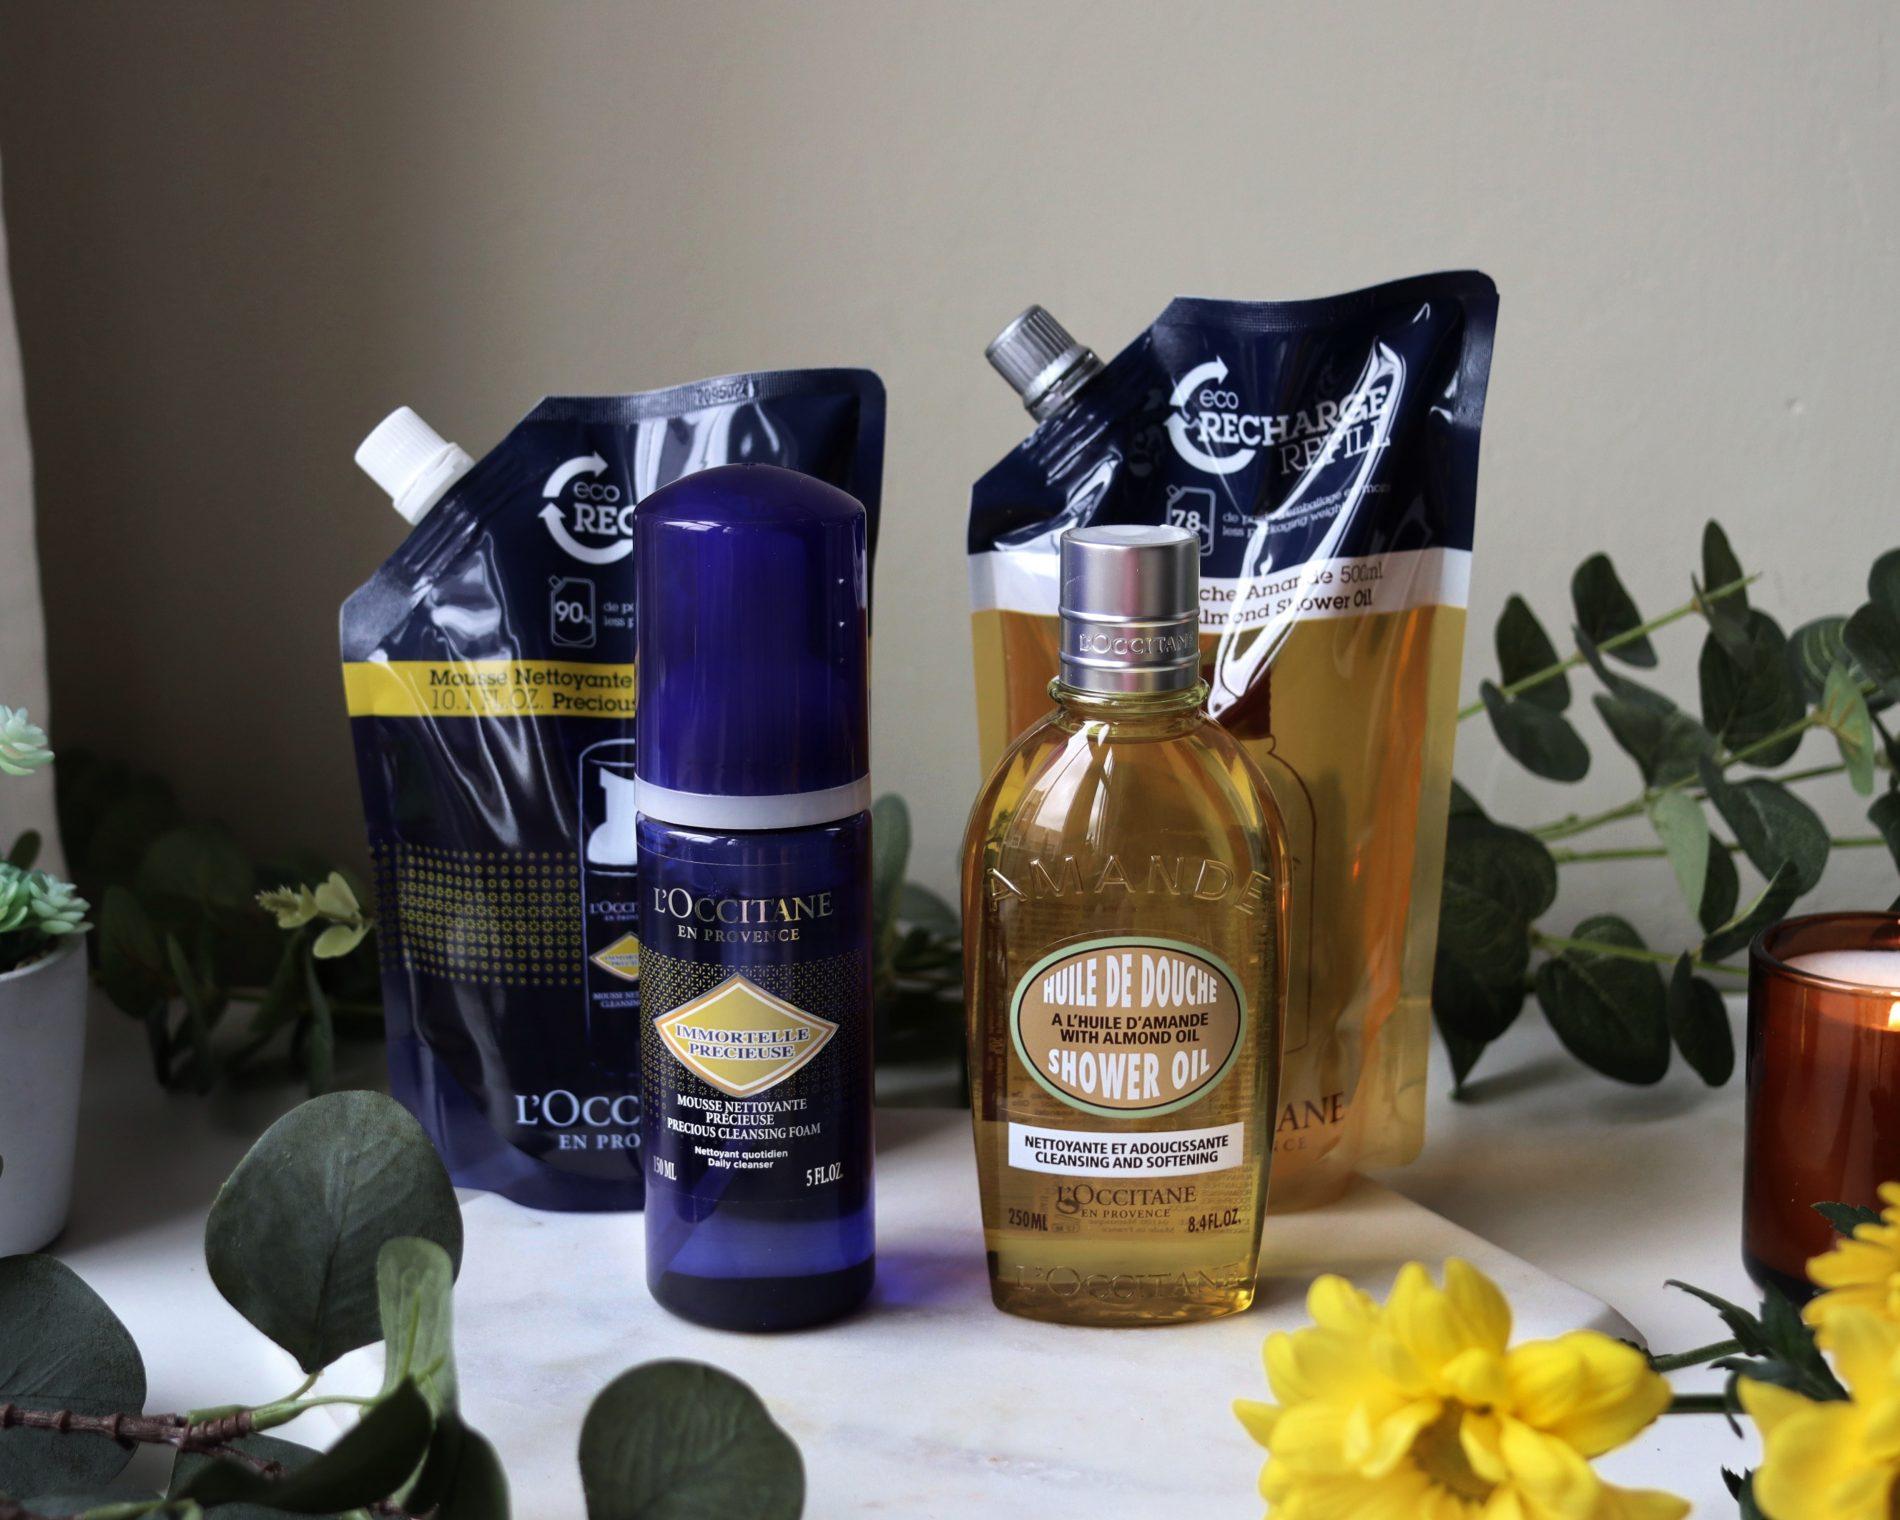 L'occitane Almond Shower Oil Eco Refill andPrecious Cleansing Foam eco refills